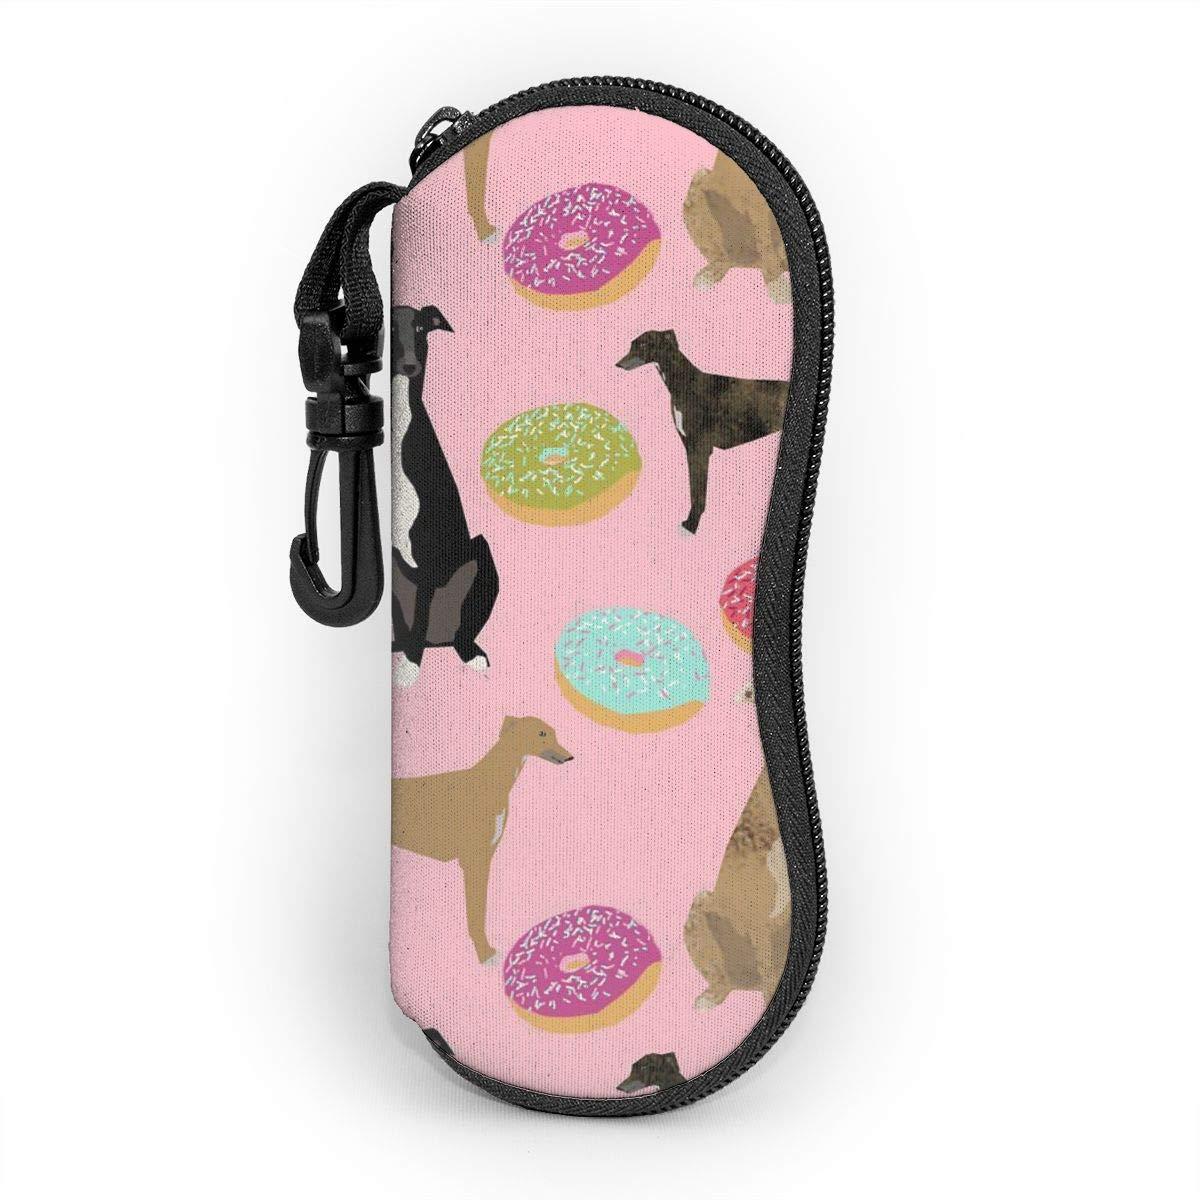 N//A Borsa porta occhiali con cerniera in levriero rosa ultraleggero portatile con cerniera